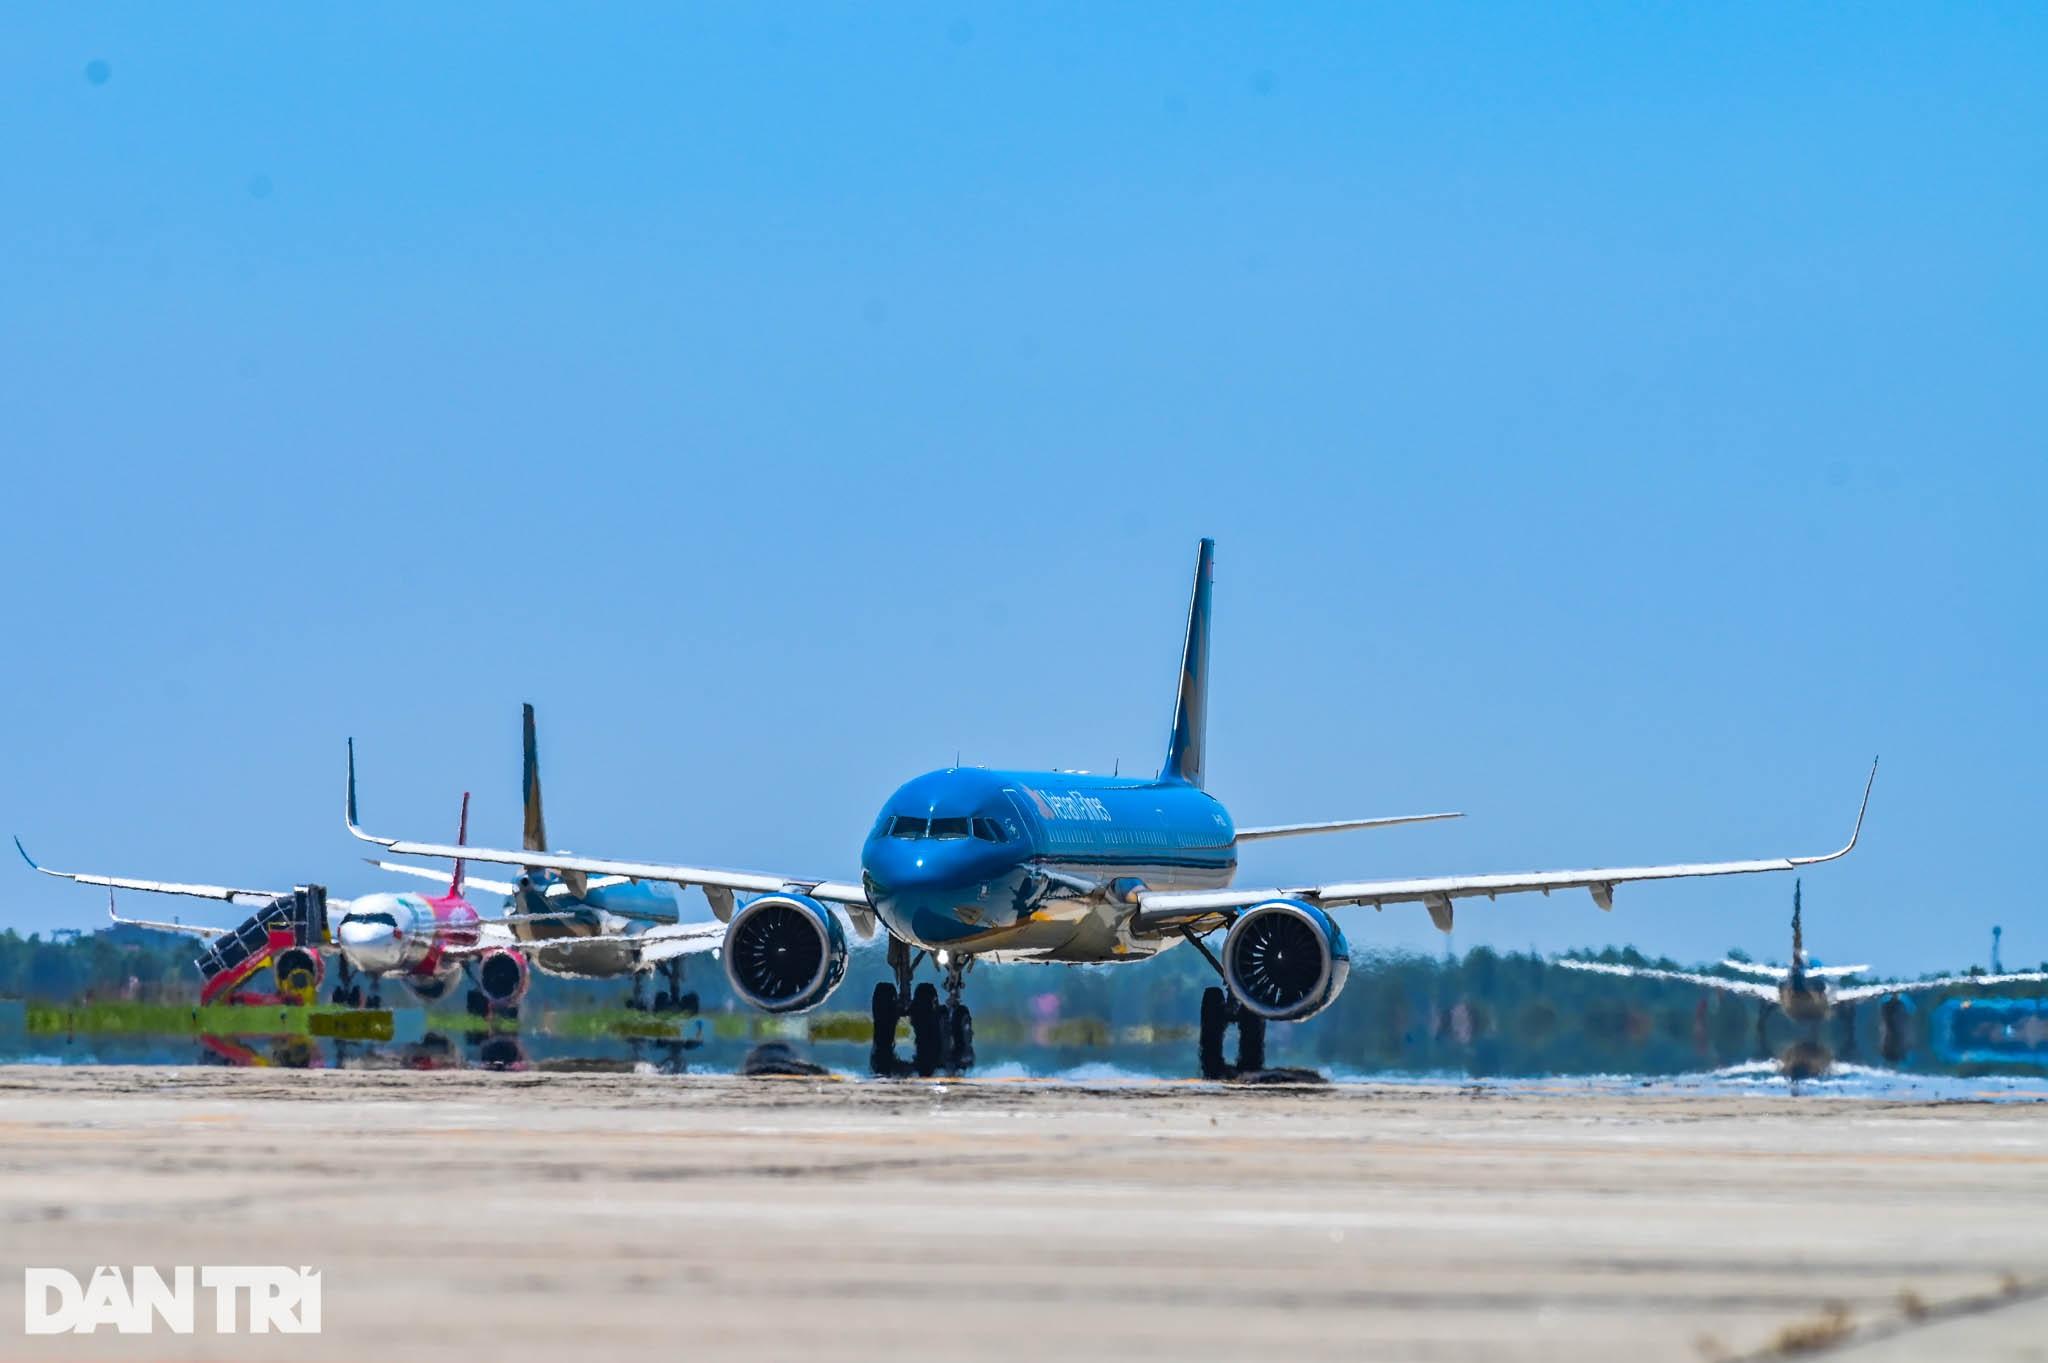 Ám ảnh hàng trăm tàu bay đắp chiếu nằm la liệt tại Nội Bài, Tân Sơn Nhất - 11